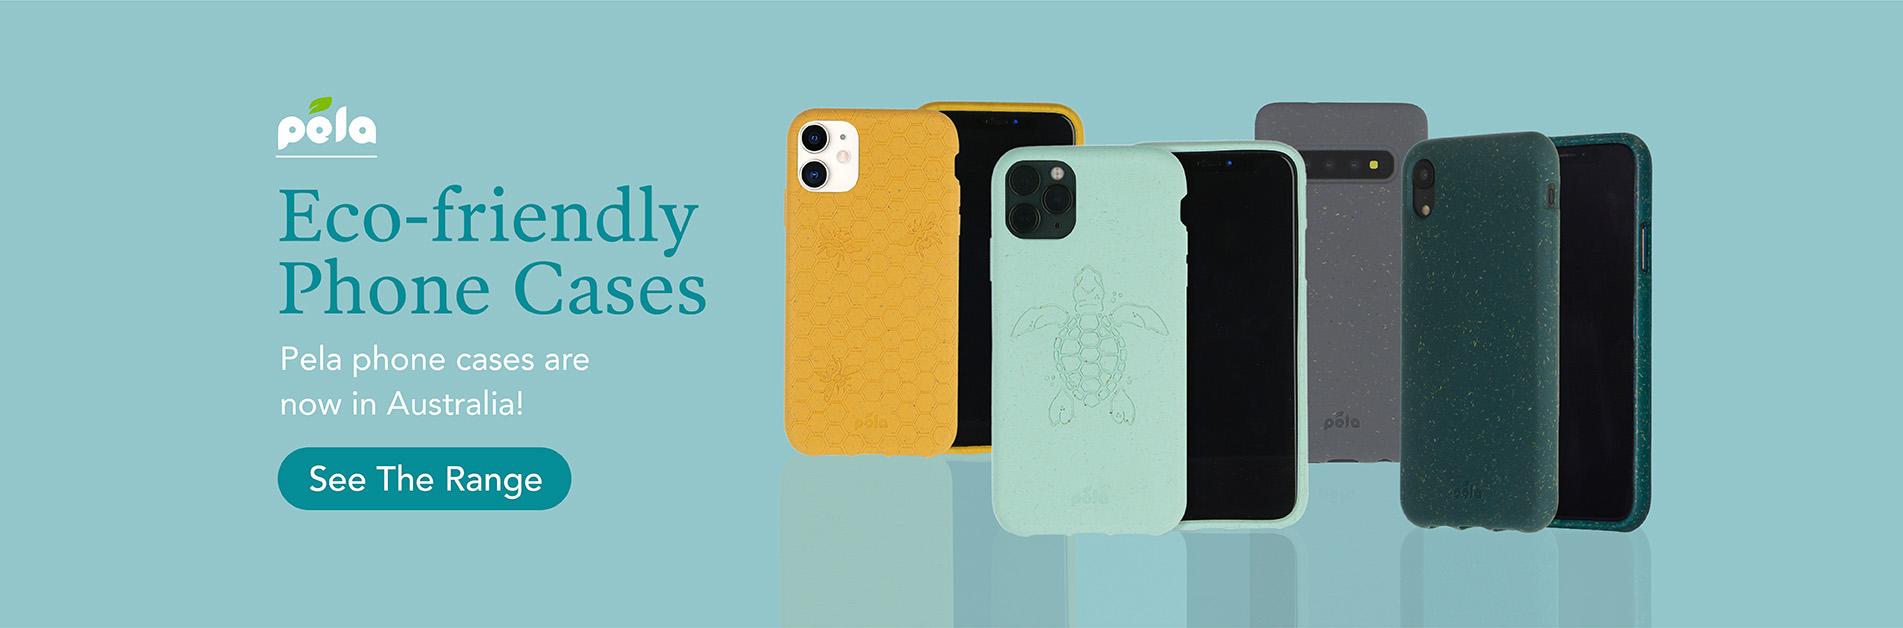 New Pela Phone Cases